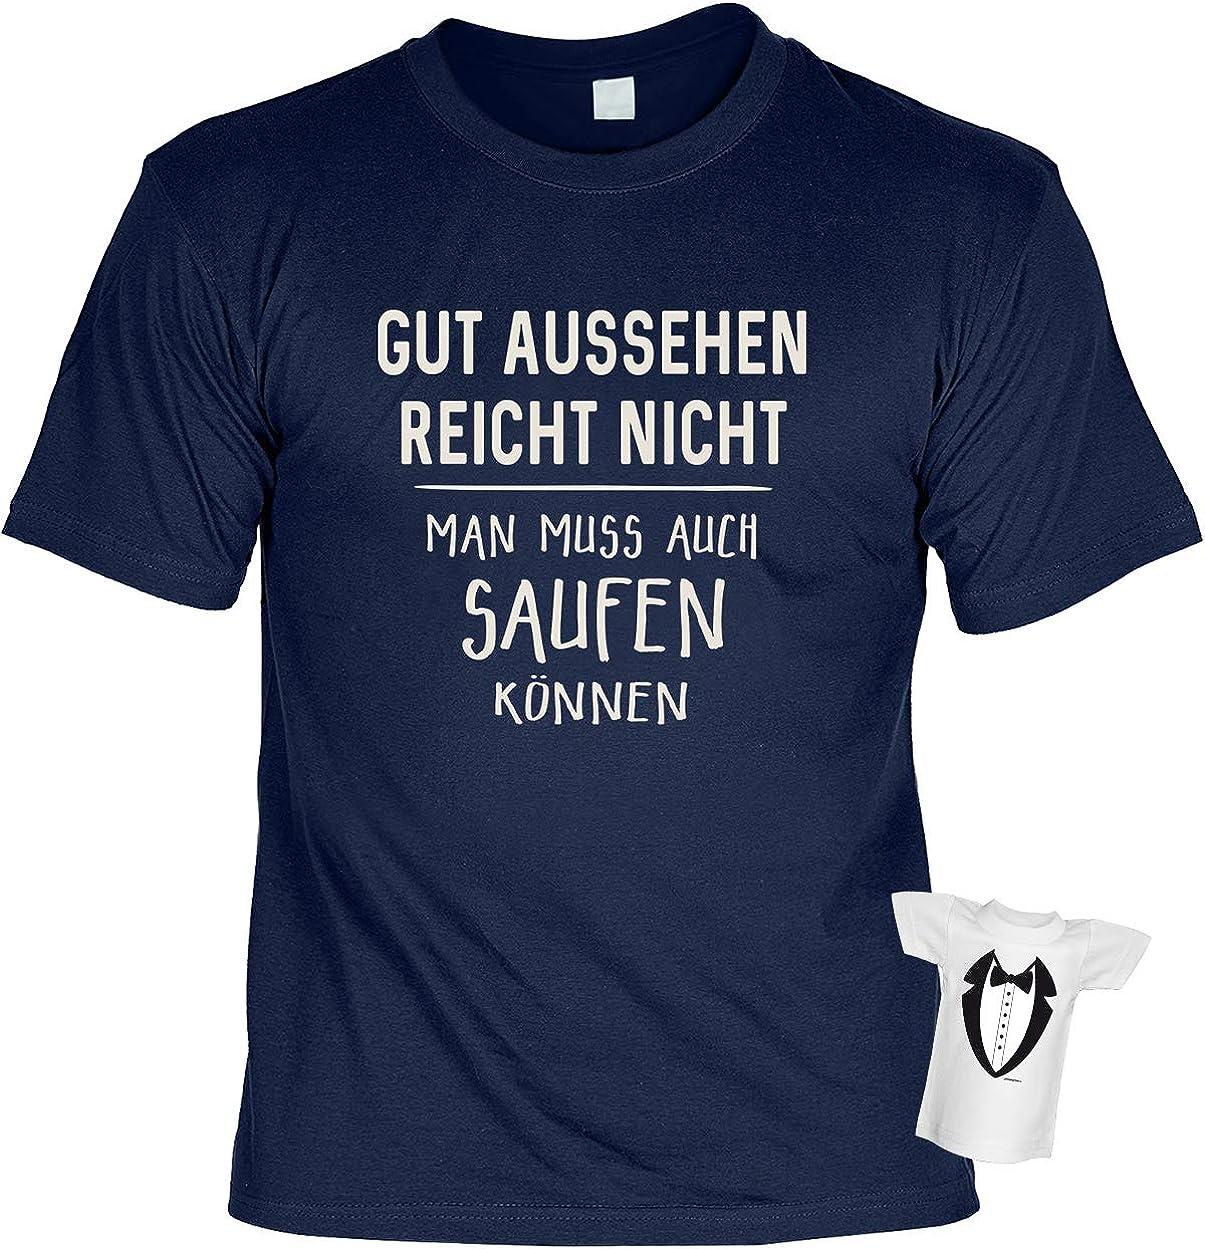 Bier-Sprüche T-Shirt - Partyshirt Saufen - Männer Karneval